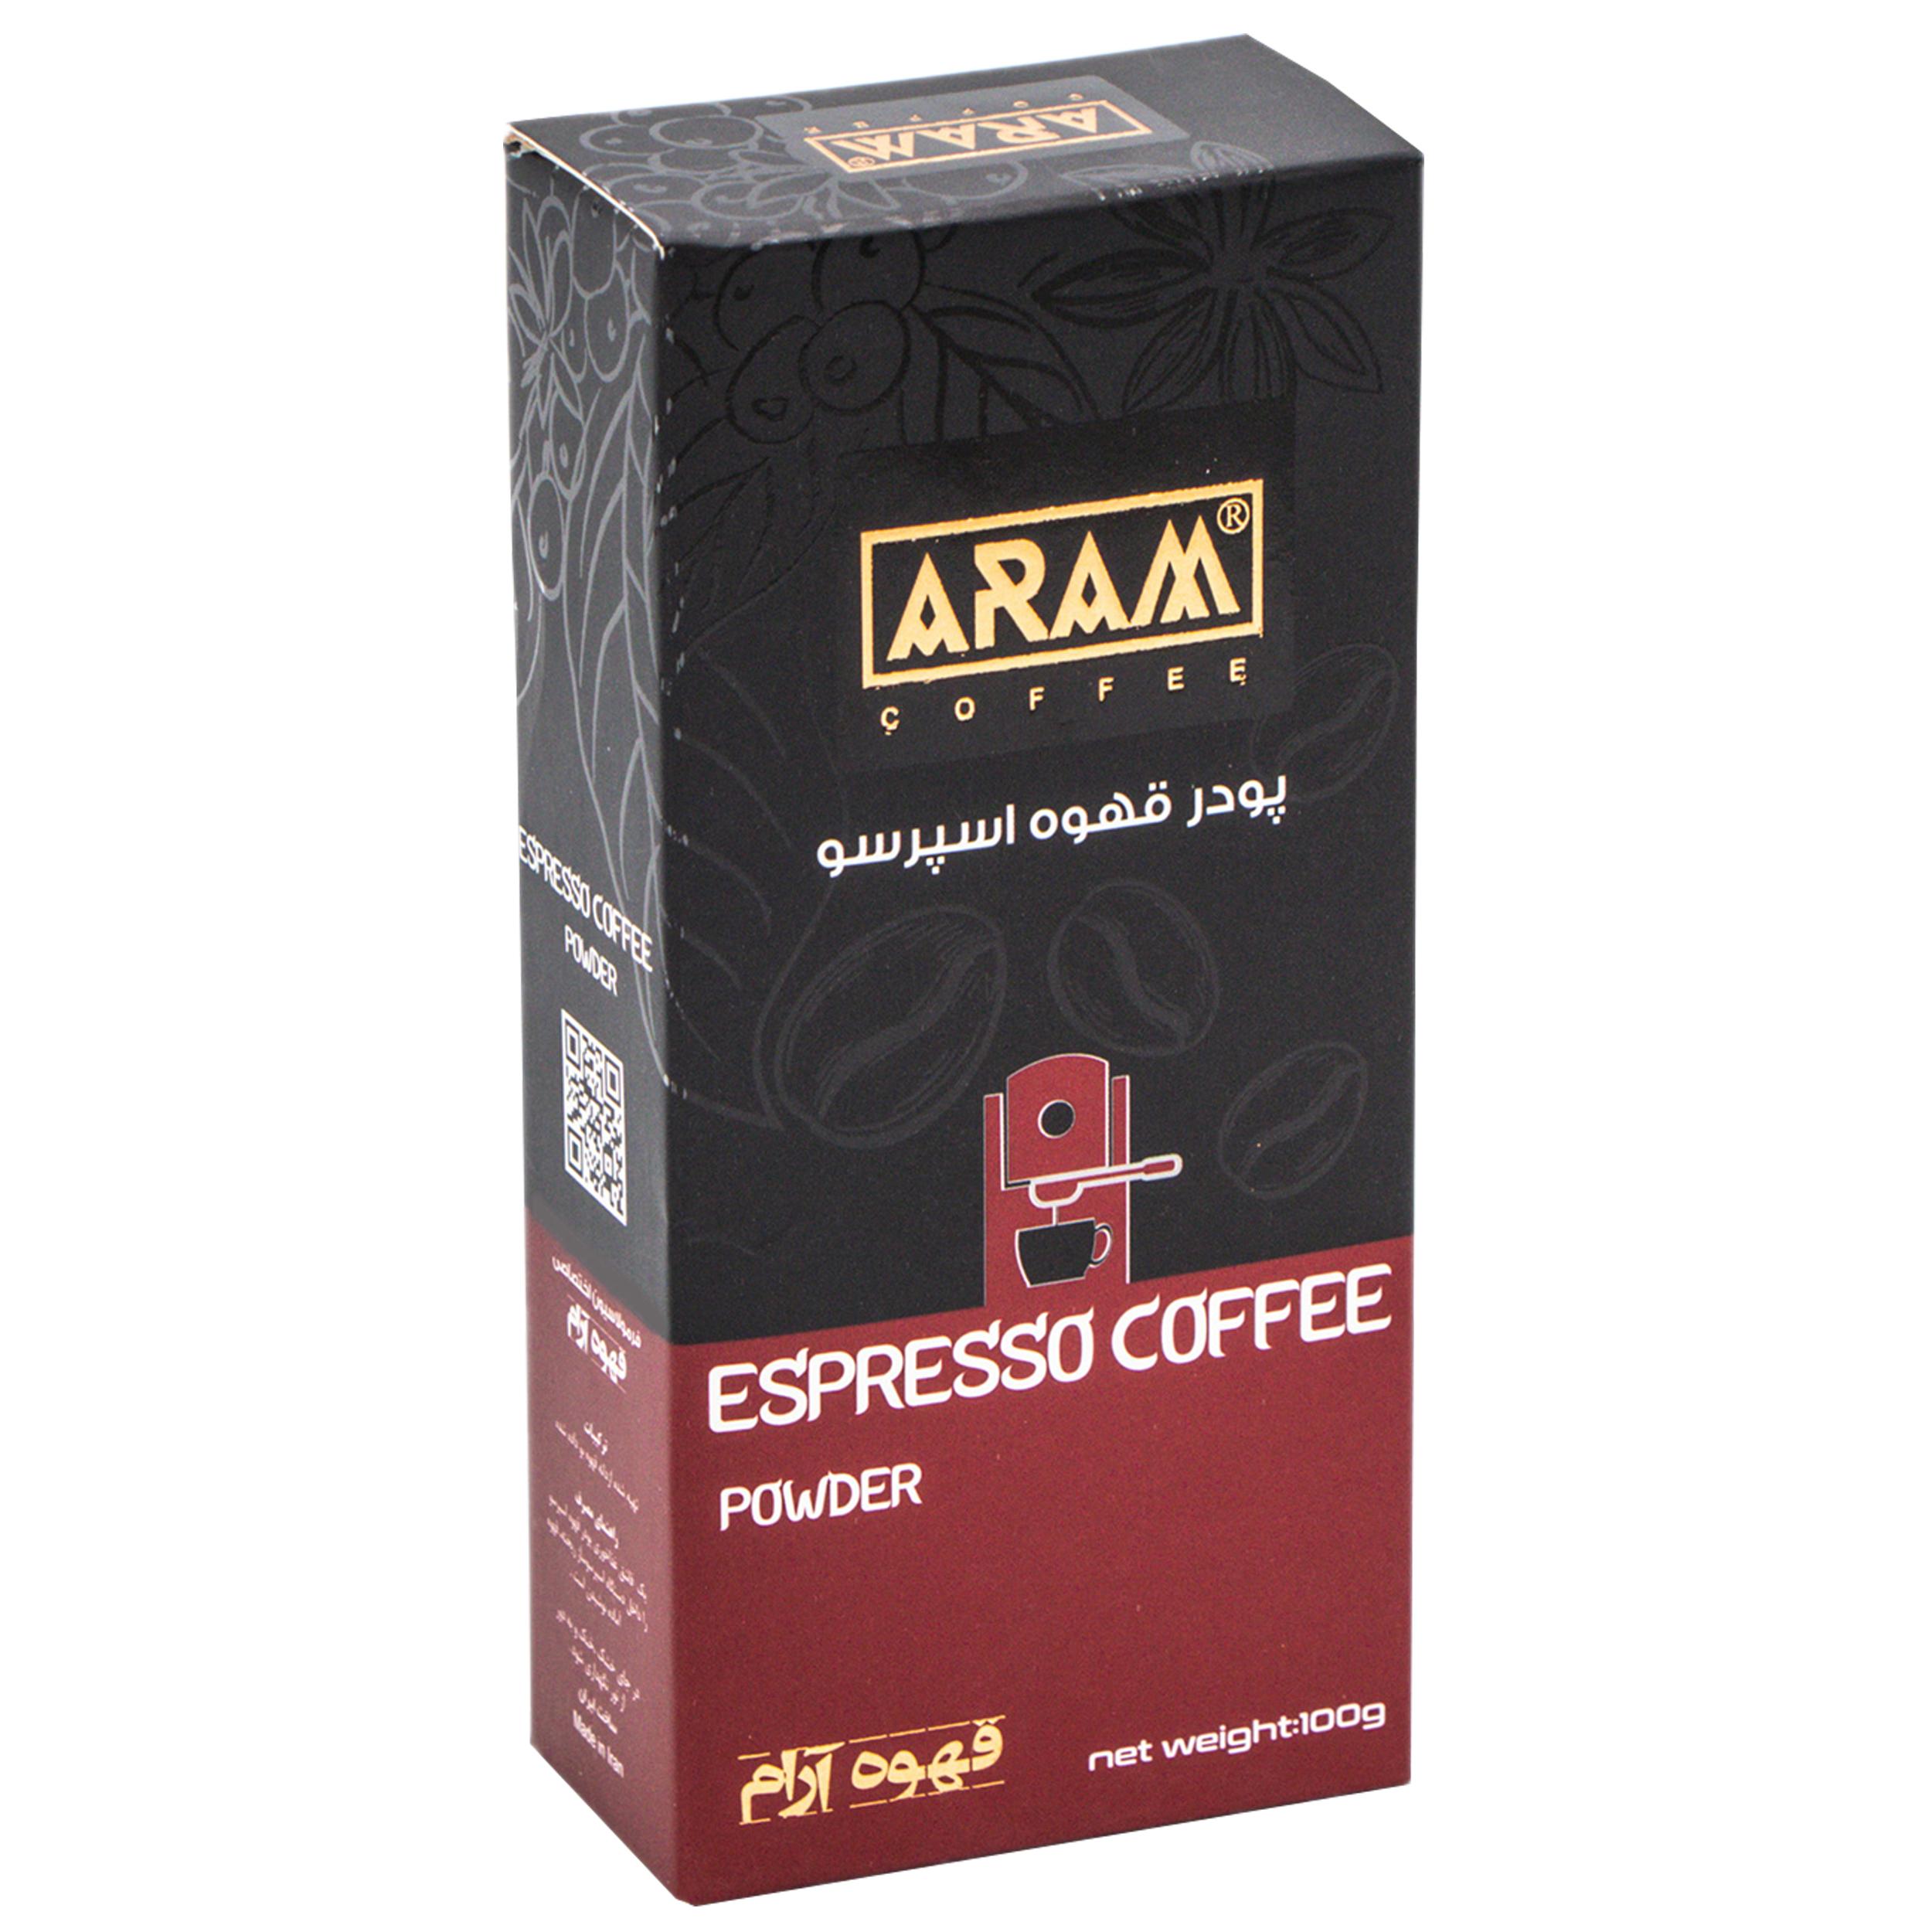 پودر قهوه اسپرسو آرام - 100 گرم